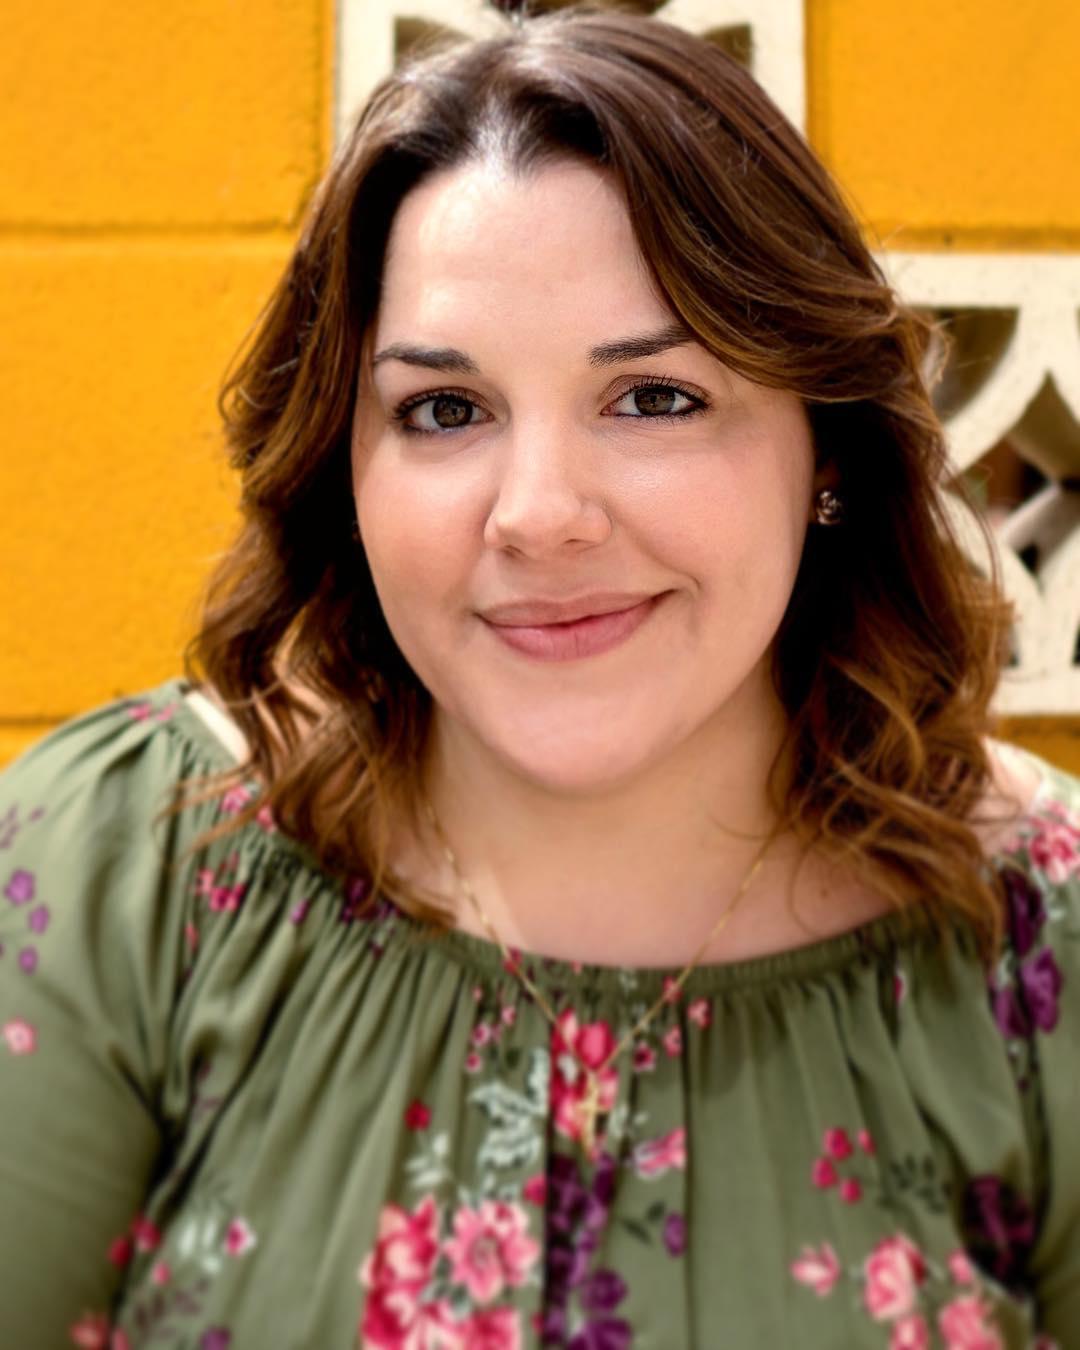 Allie Trimboli